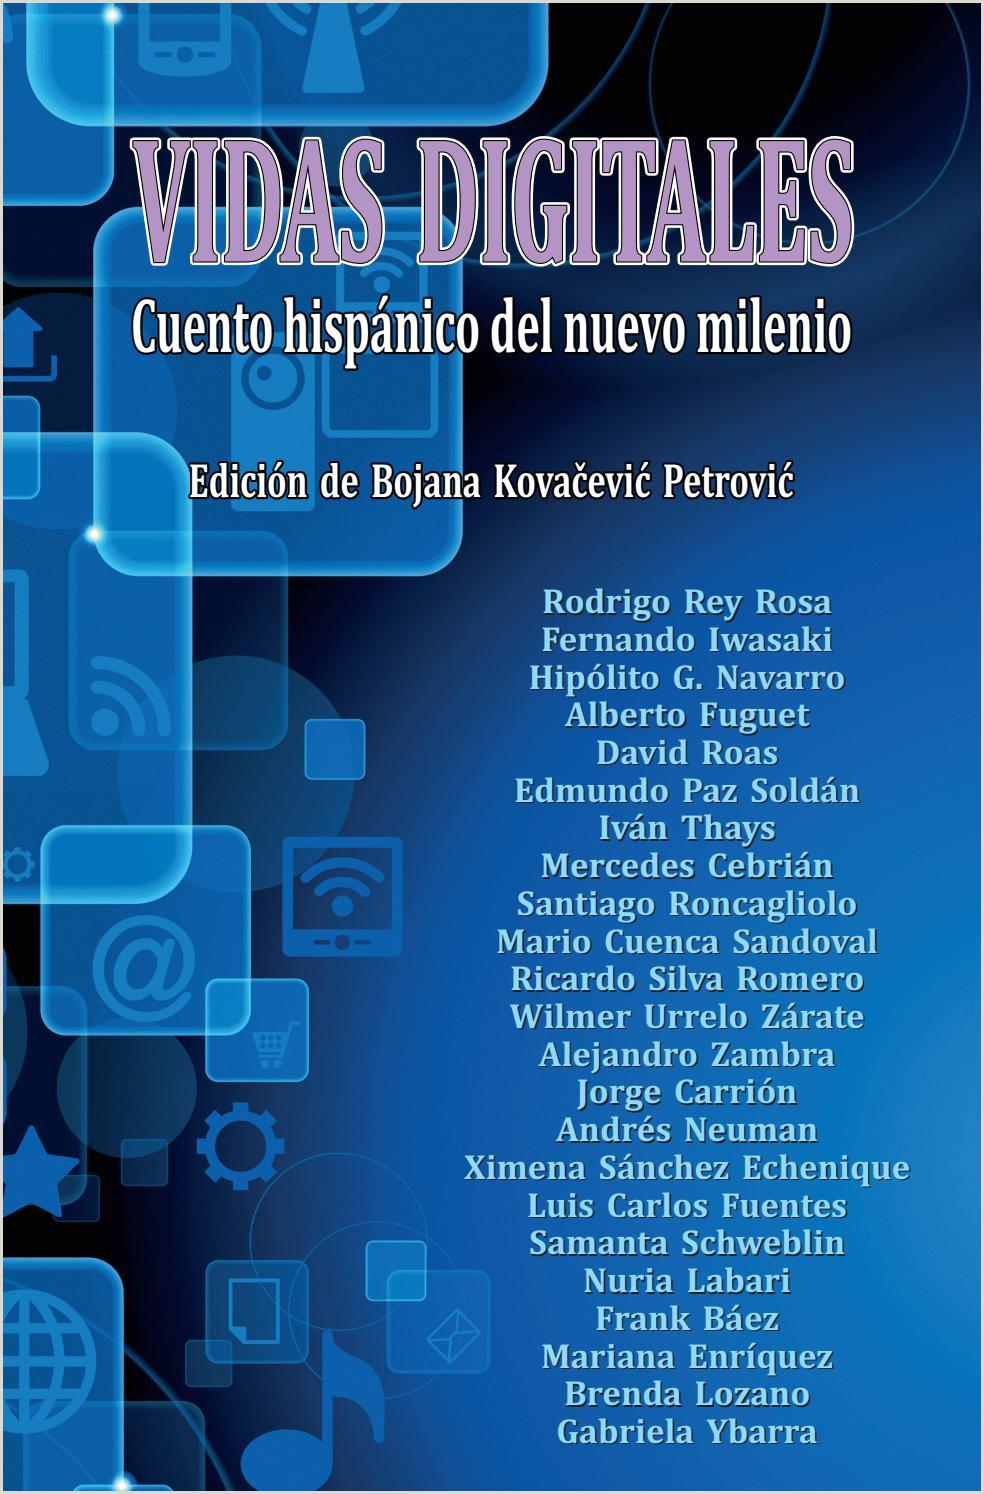 Vidas digitales Cuento hispánico del nuevo milenio by AECID